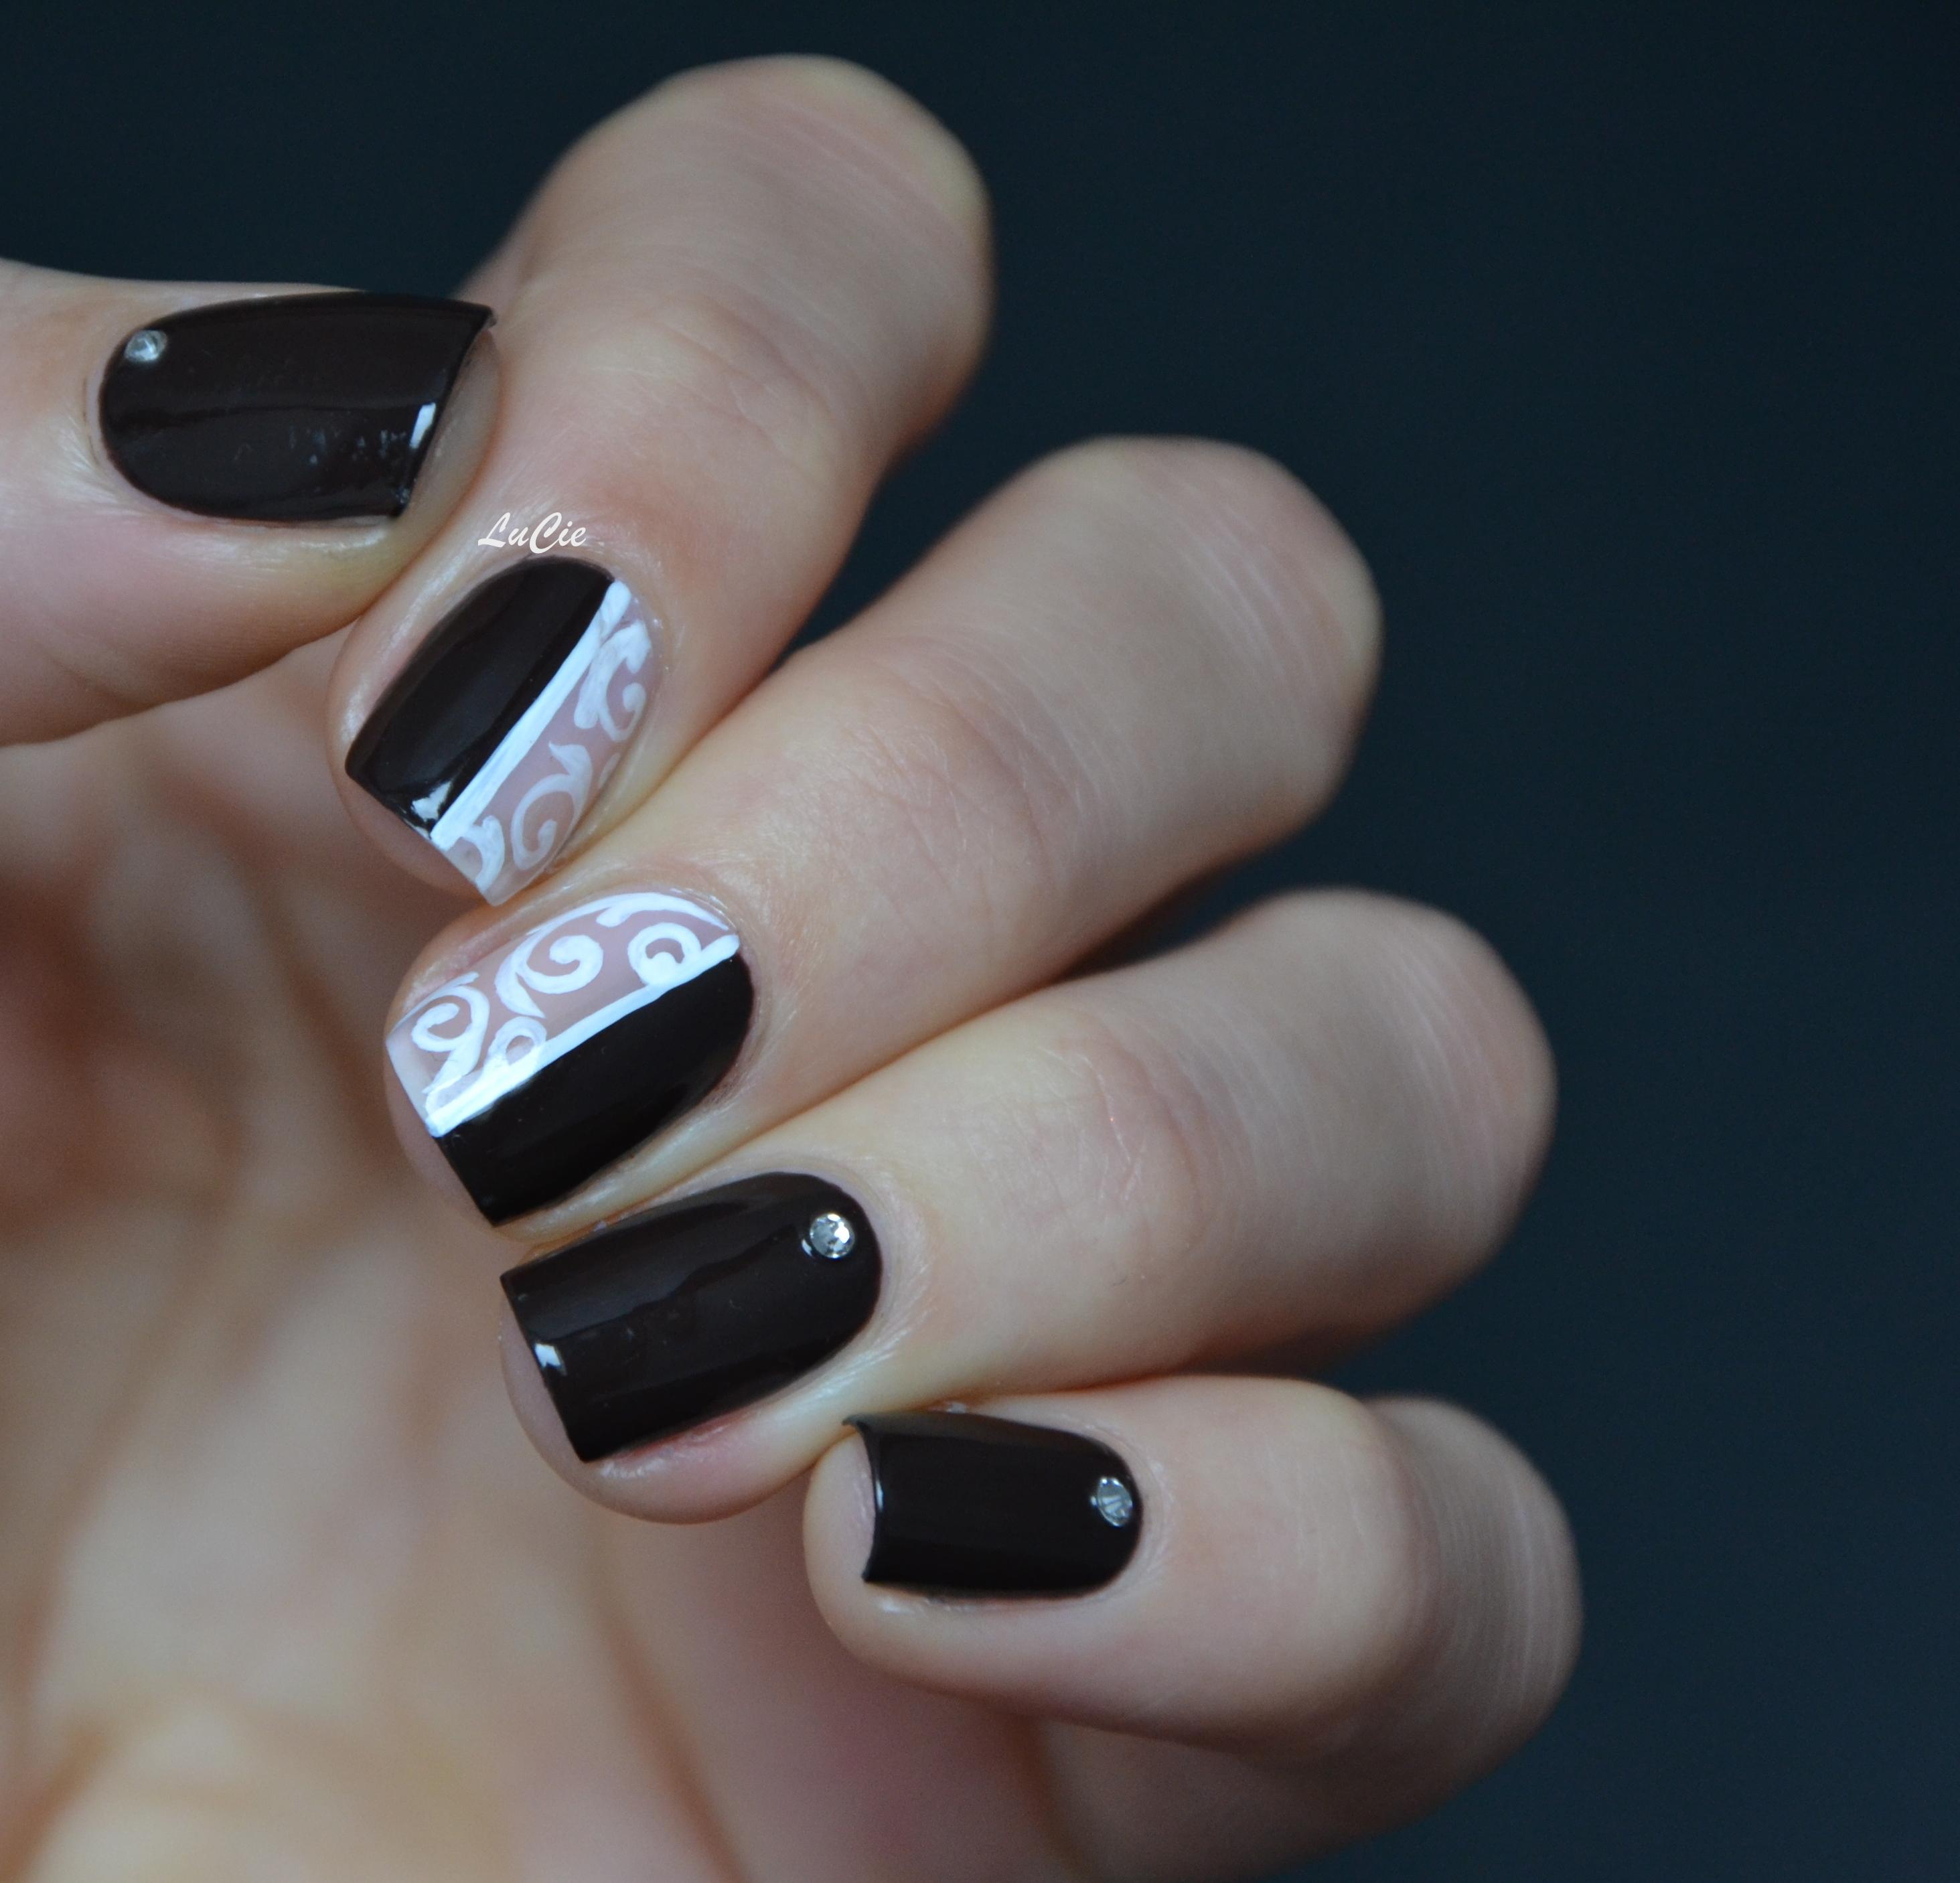 Peinture acrylique les ongles de lucie - Vernis sur peinture acrylique ...